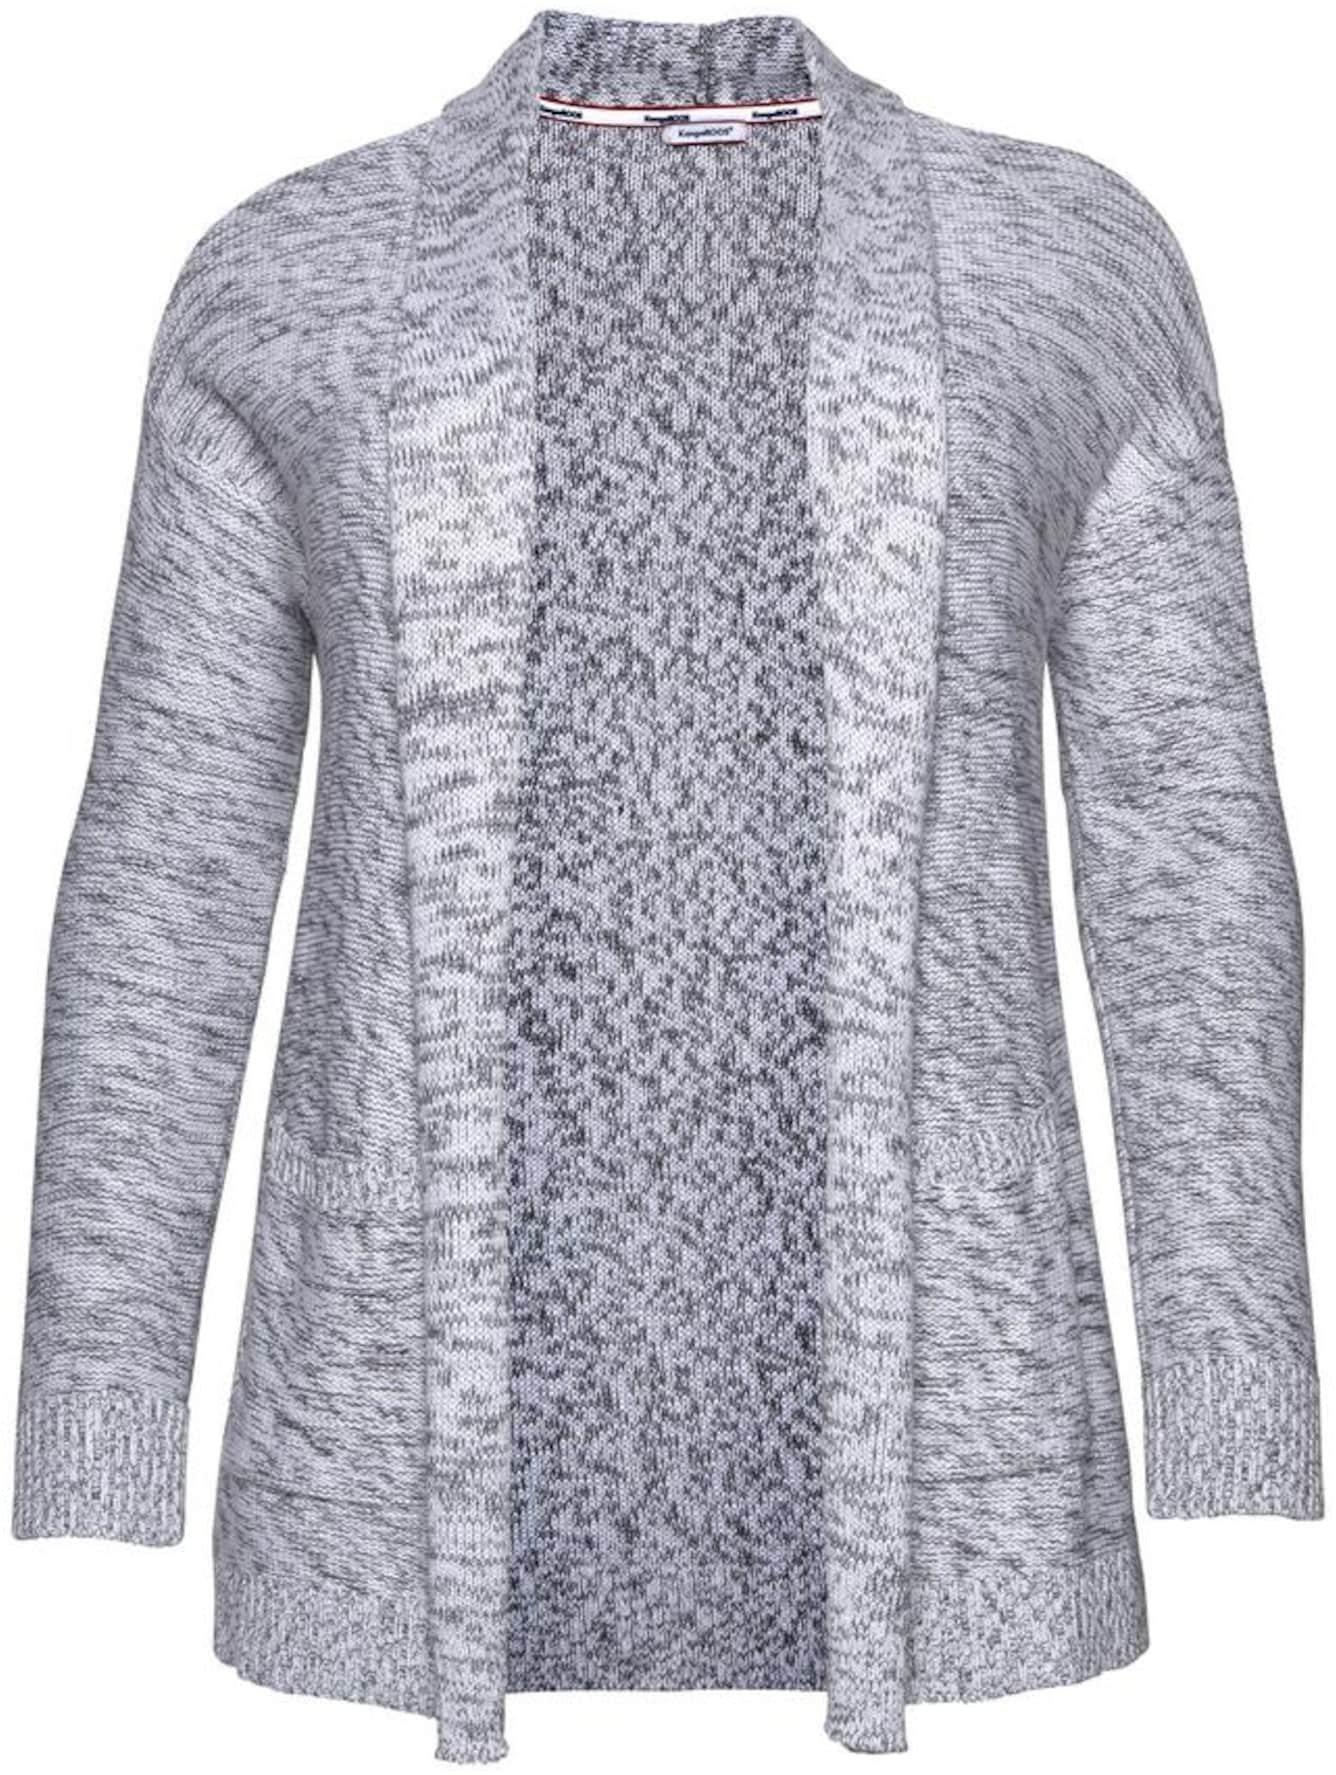 Suchergebnis auf für: lurex cardigan: Bekleidung